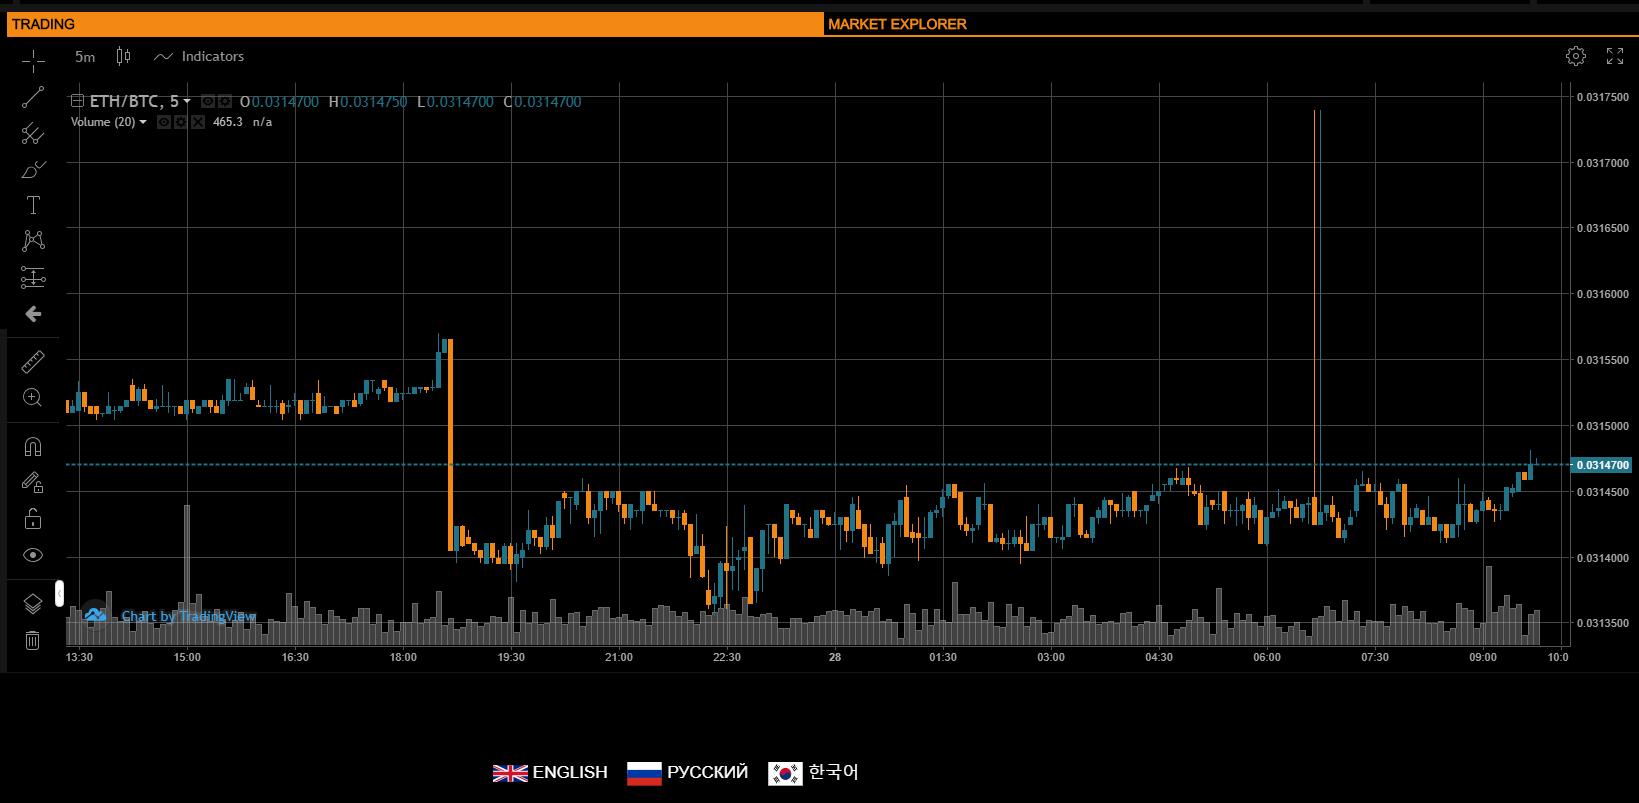 50x.com Trading View